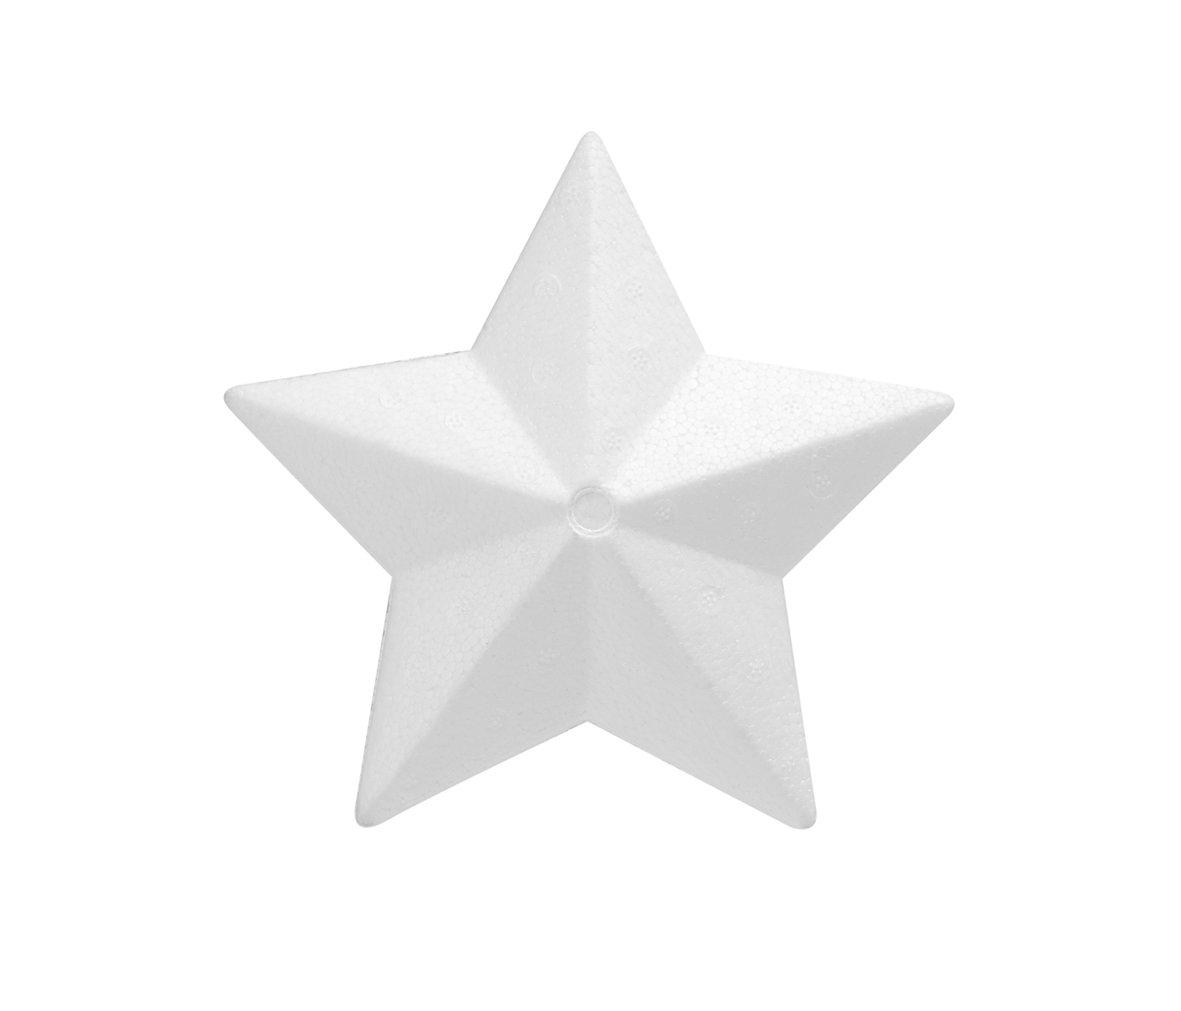 Glorex 63803822di polistirolo a forma di stella, di polistirolo, Bianco, 30x 30x 7cm GLOREX GmbH 6 3803 822